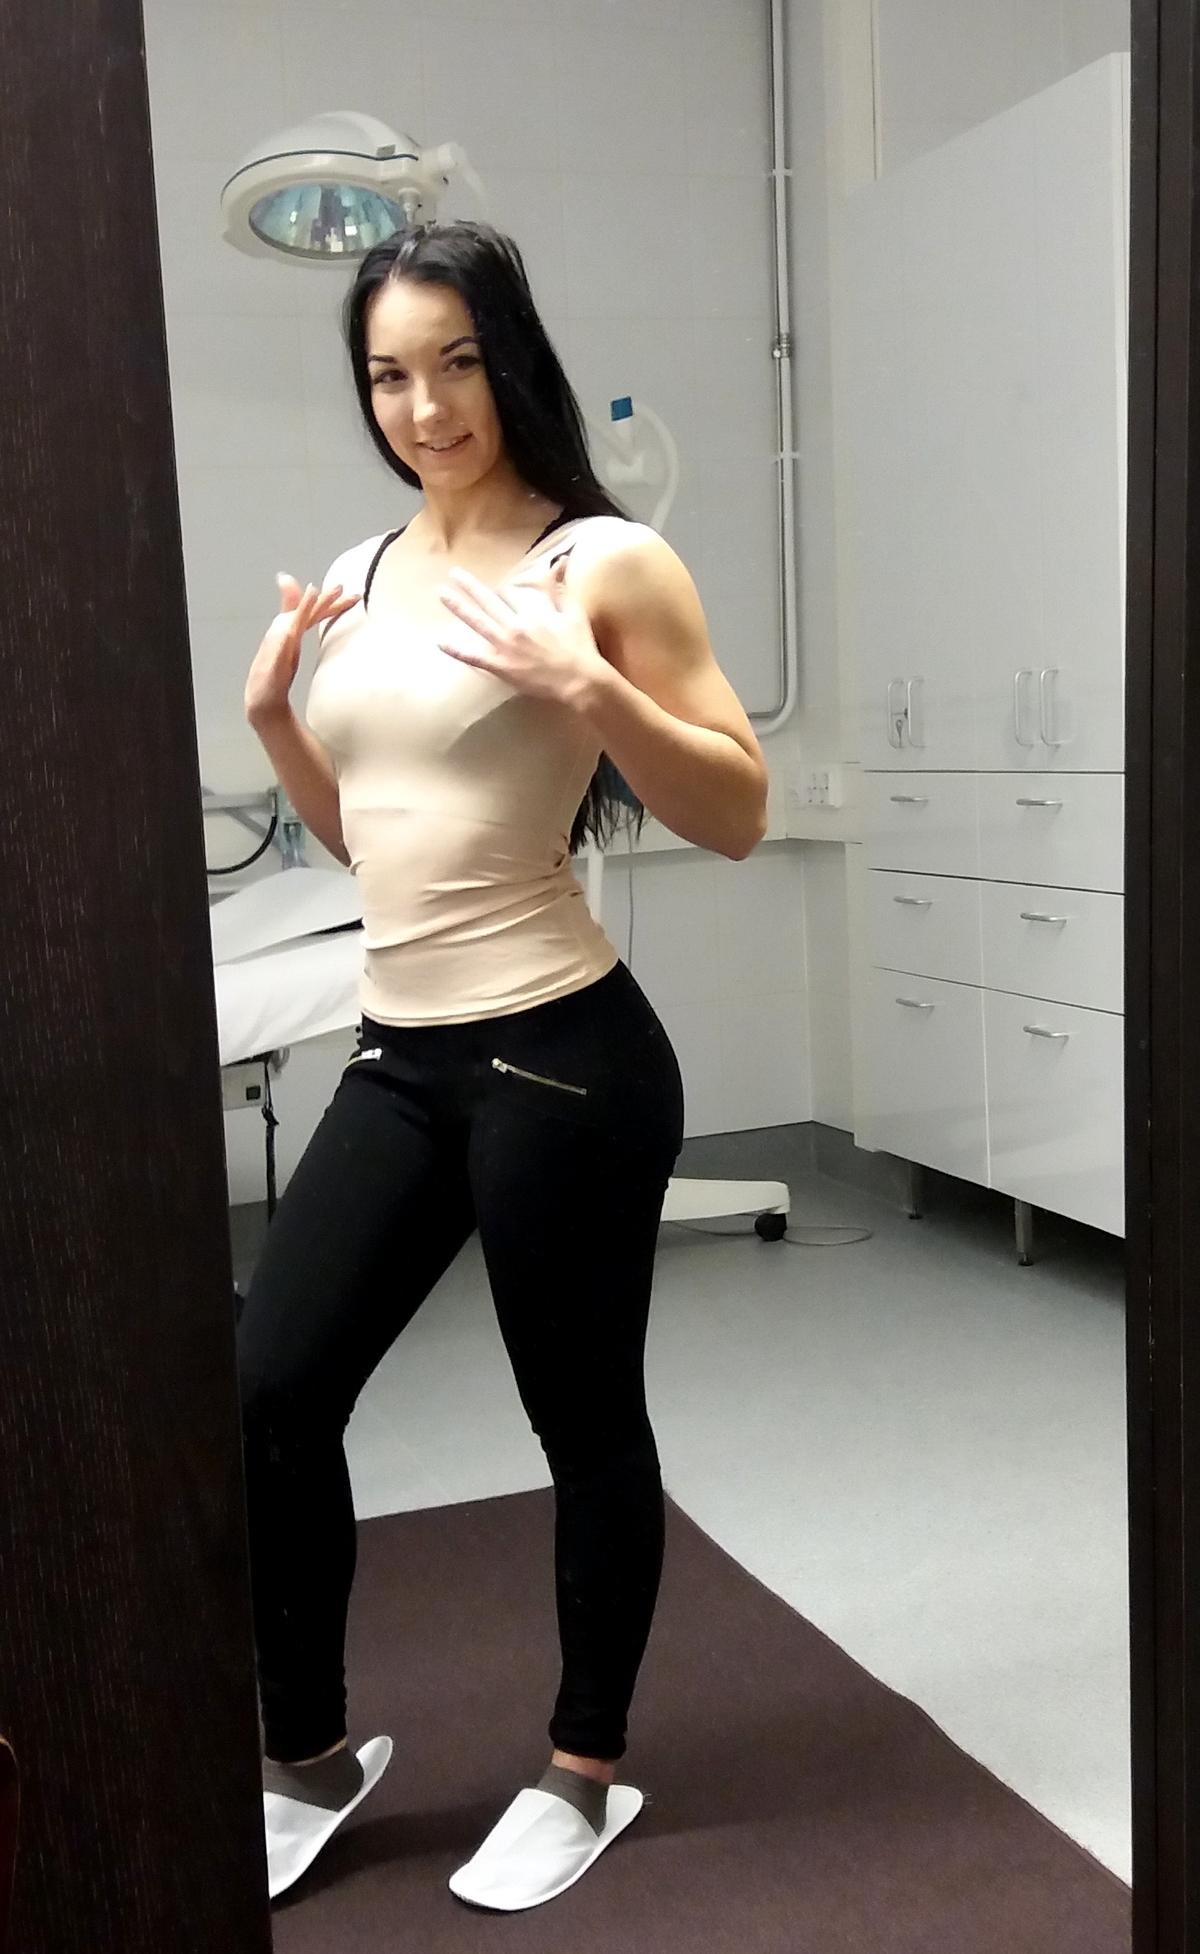 Tarkistutin rintani – opin uutta implanteista